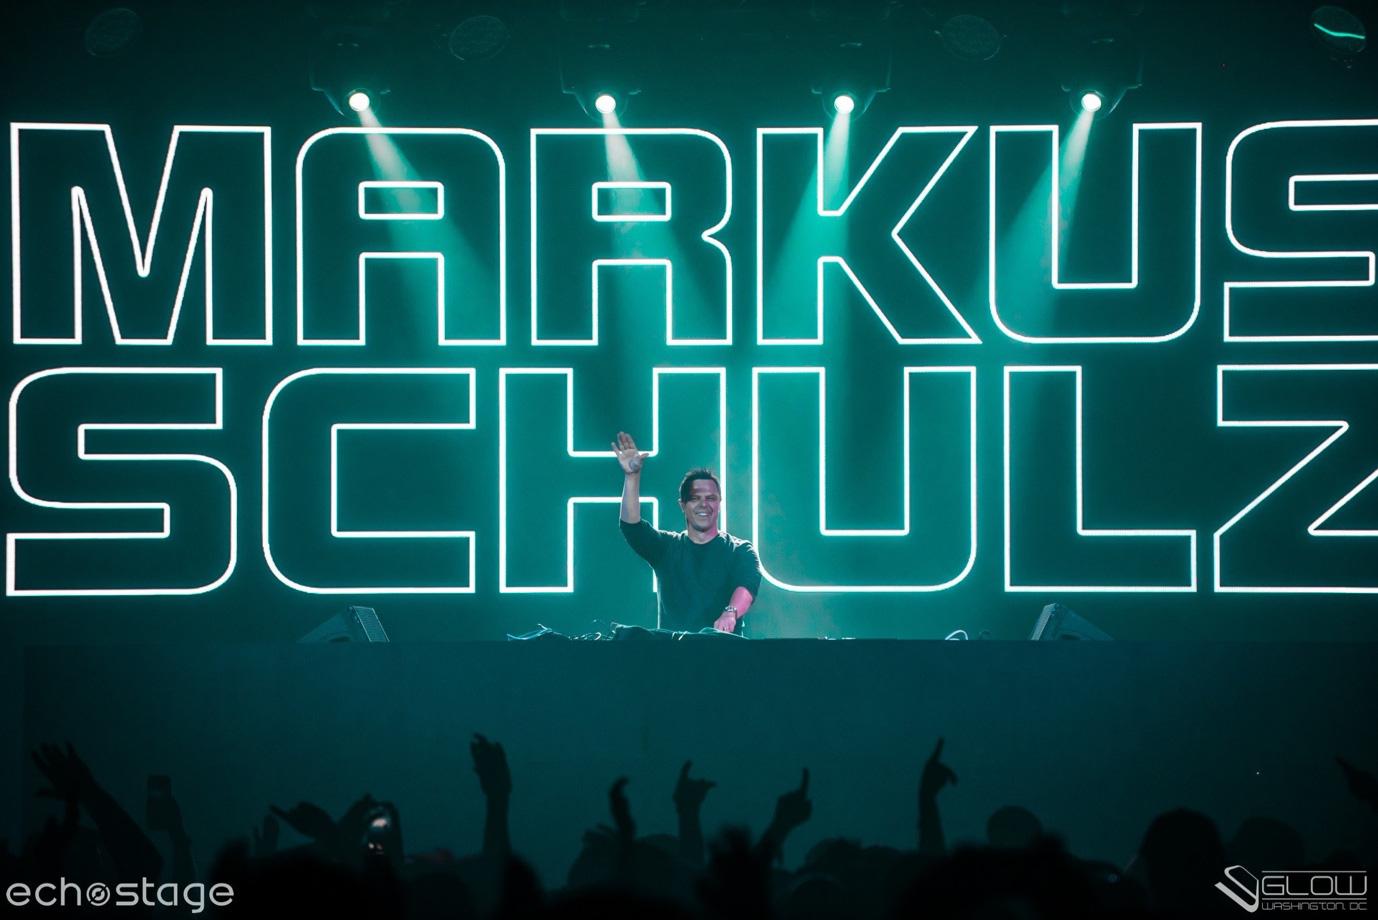 Huyền thoại Markus Schulz sẽ biểu diễn tại Sài Gòn vào 21/11 - Ảnh 3.